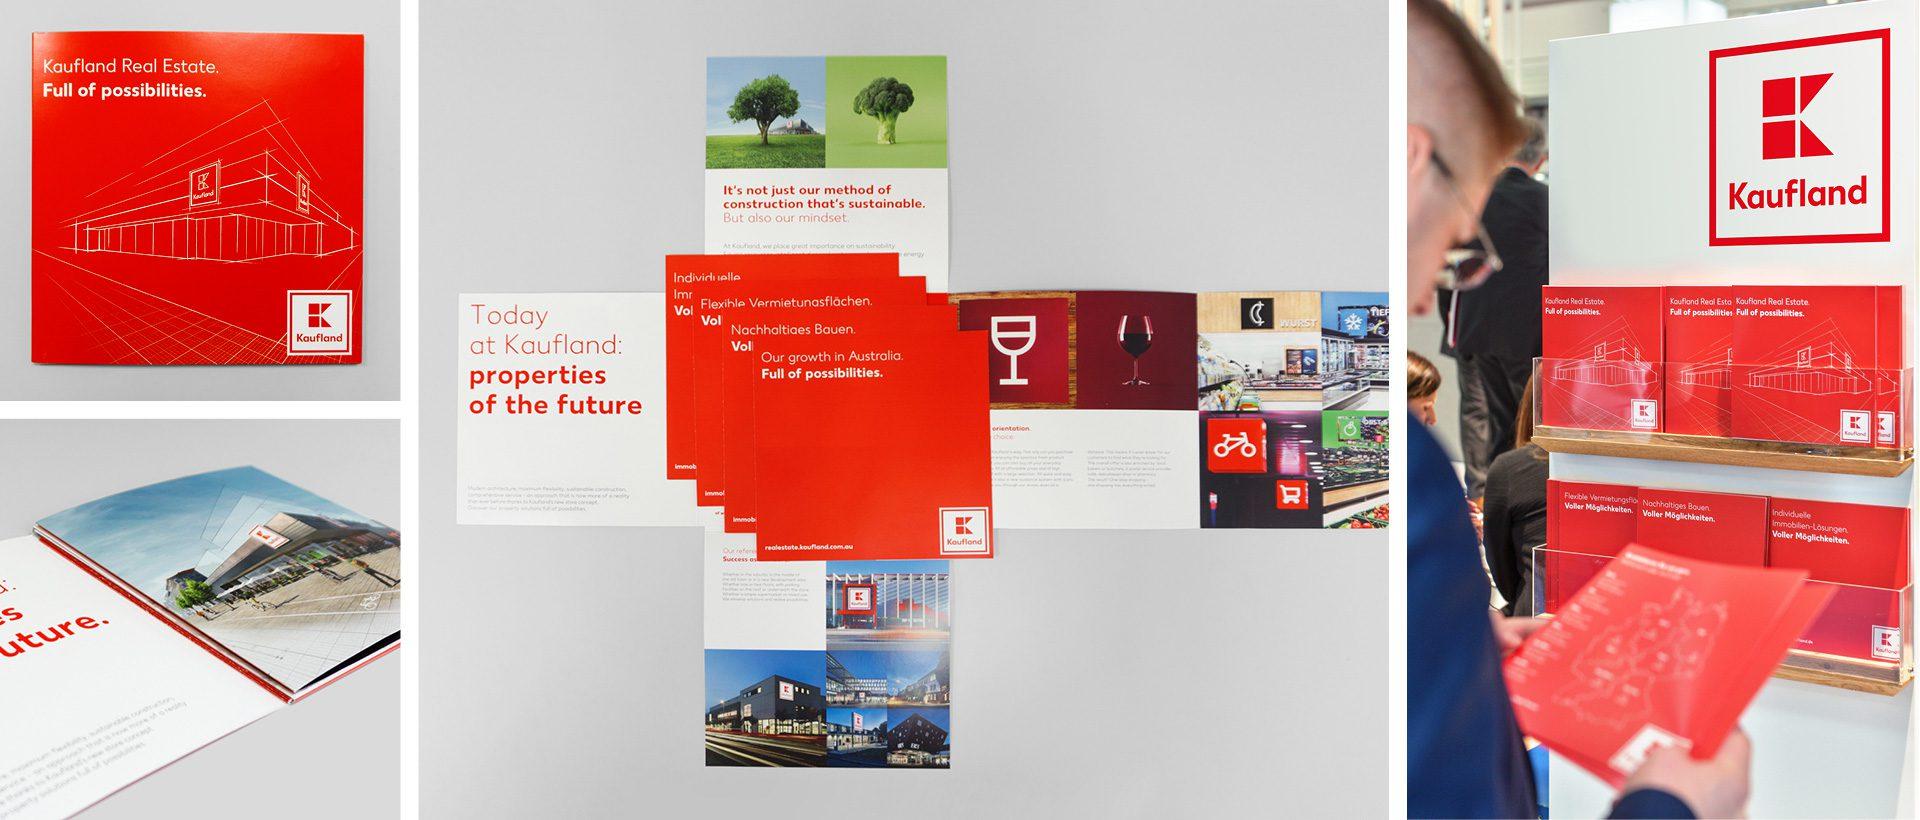 Kaufland Immobilien - Broschüre 1